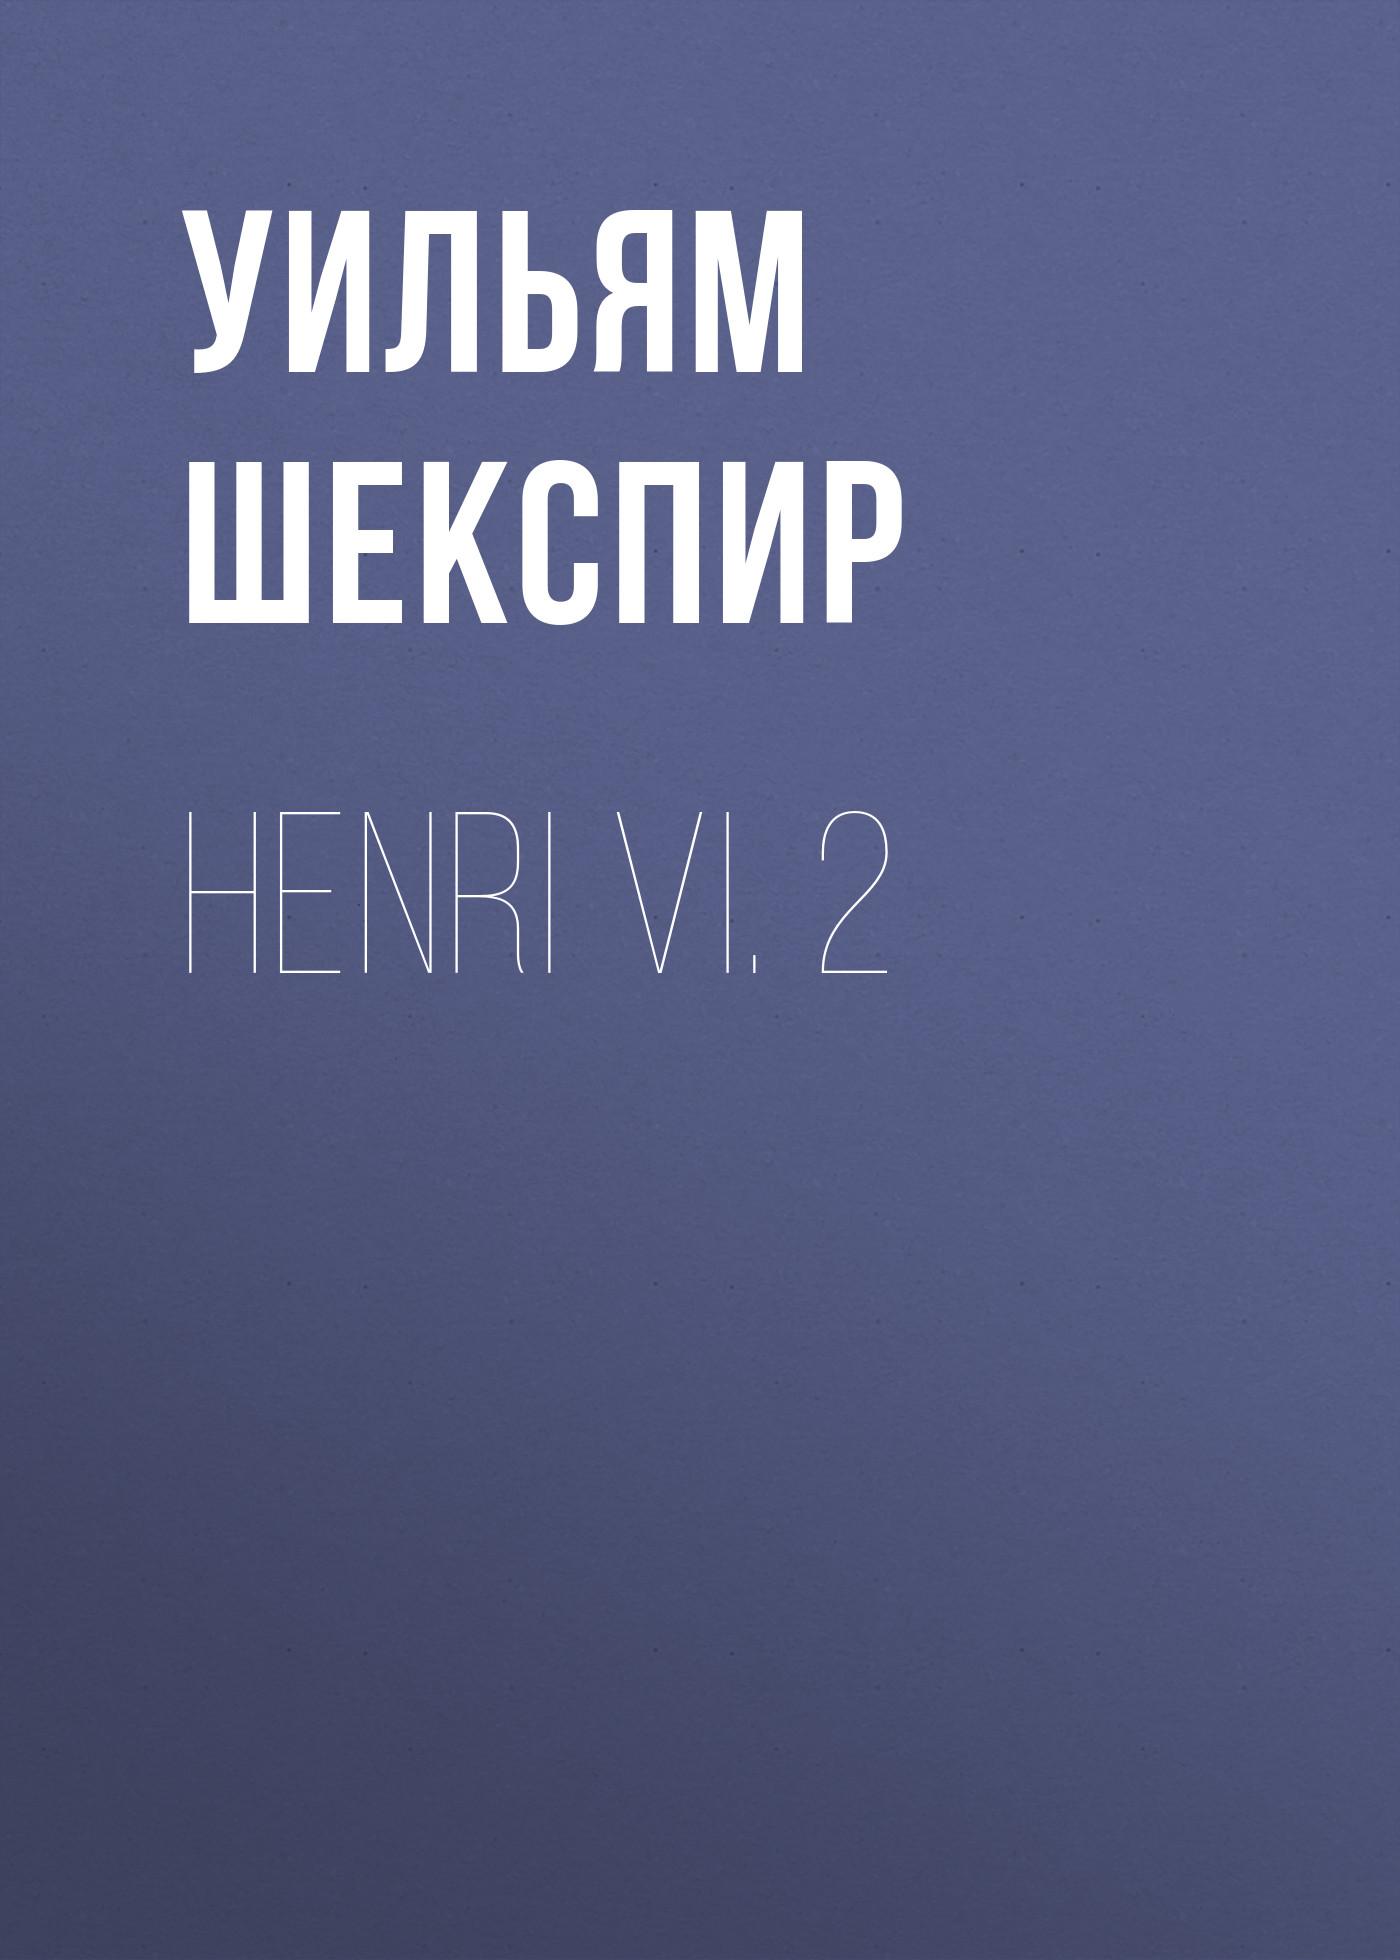 Уильям Шекспир Henri VI. 2 уильям шекспир henri v